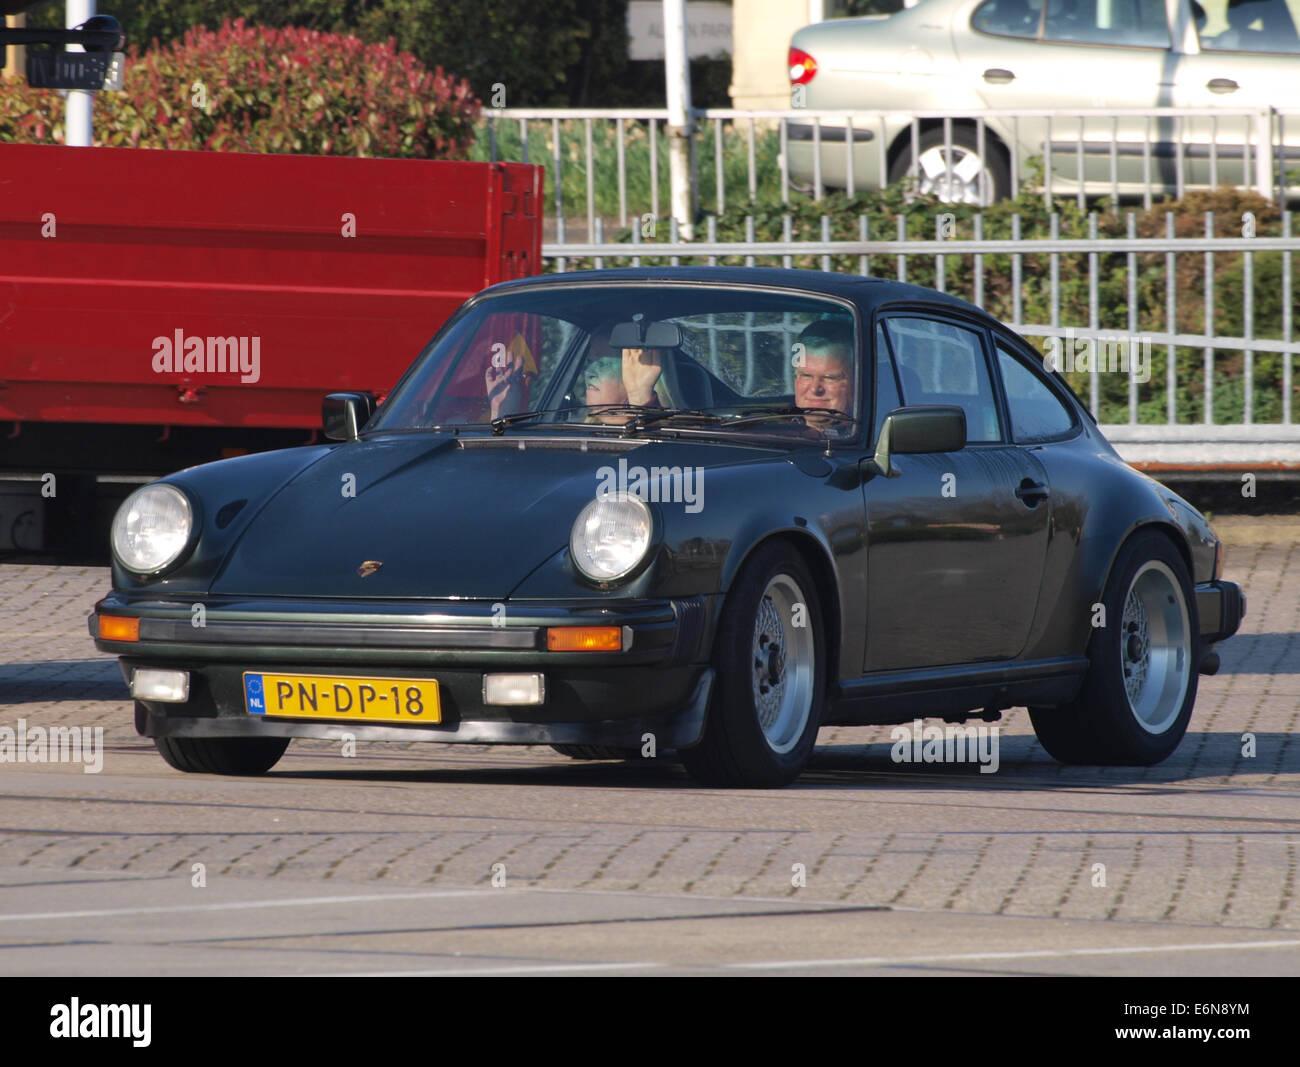 Porsche 911 SC (1980), Dutch licecence registration PN-DP-18, pic1 - Stock Image